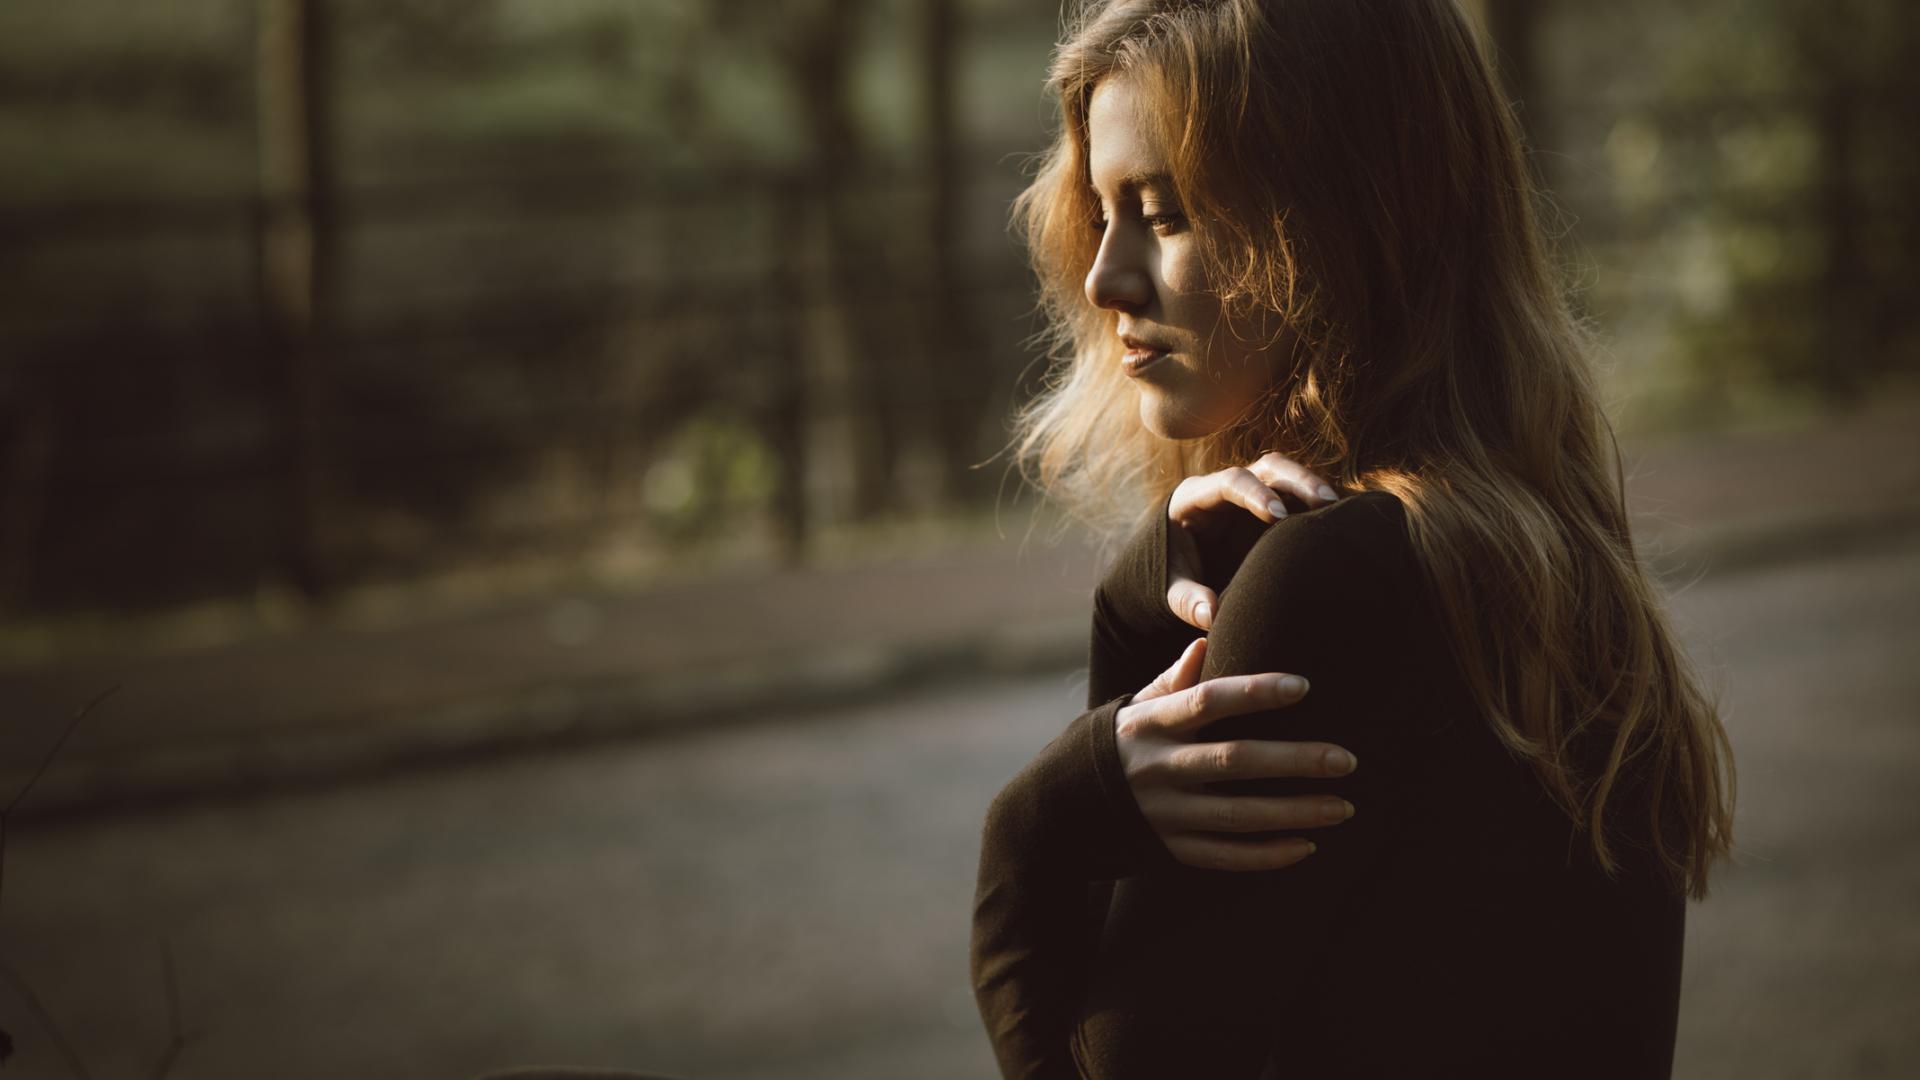 frau umarmung liebe allein